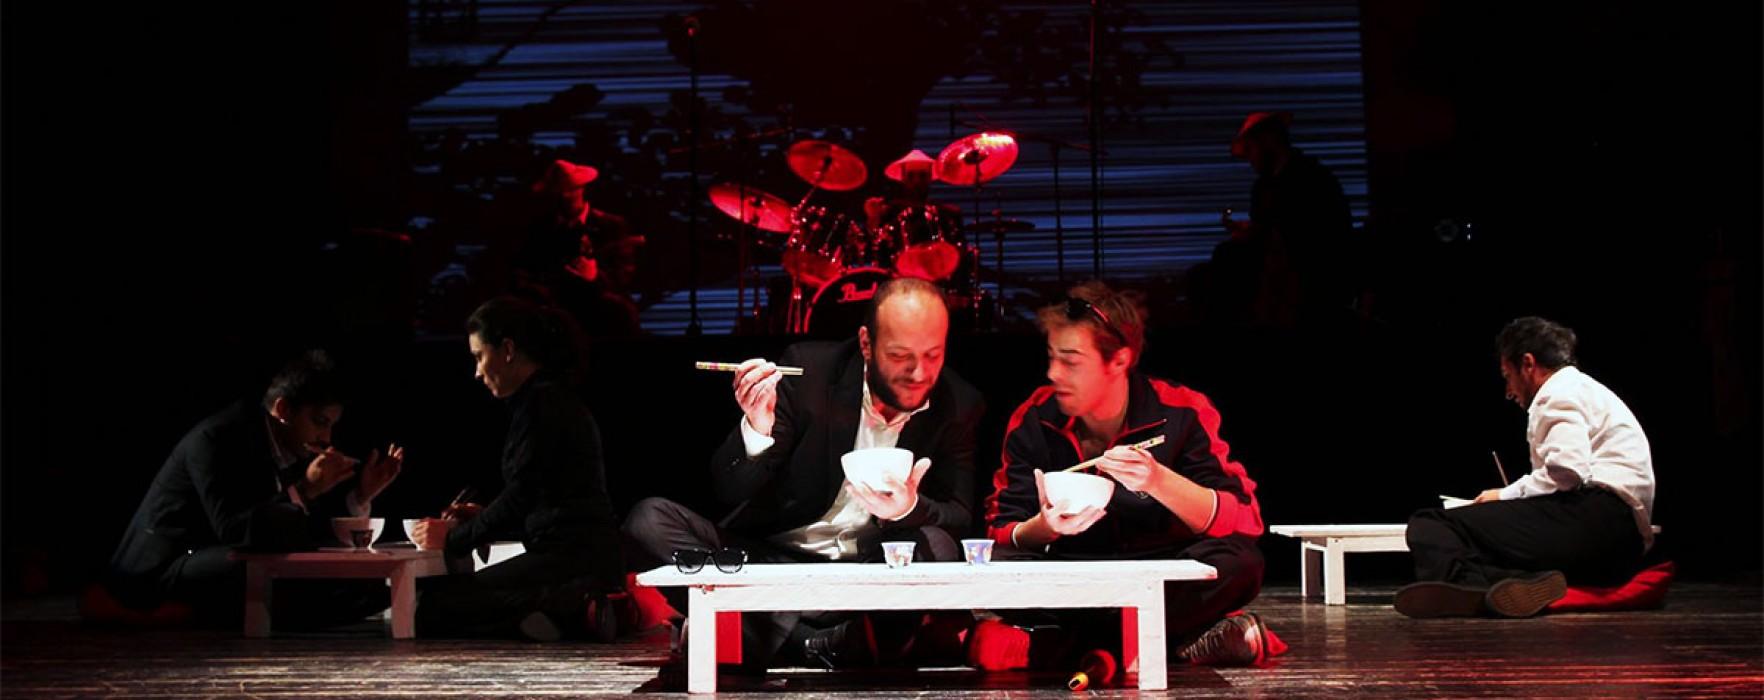 Comedia neagră muzicală TOM & JERRY, la Teatrul Tony Bulandra